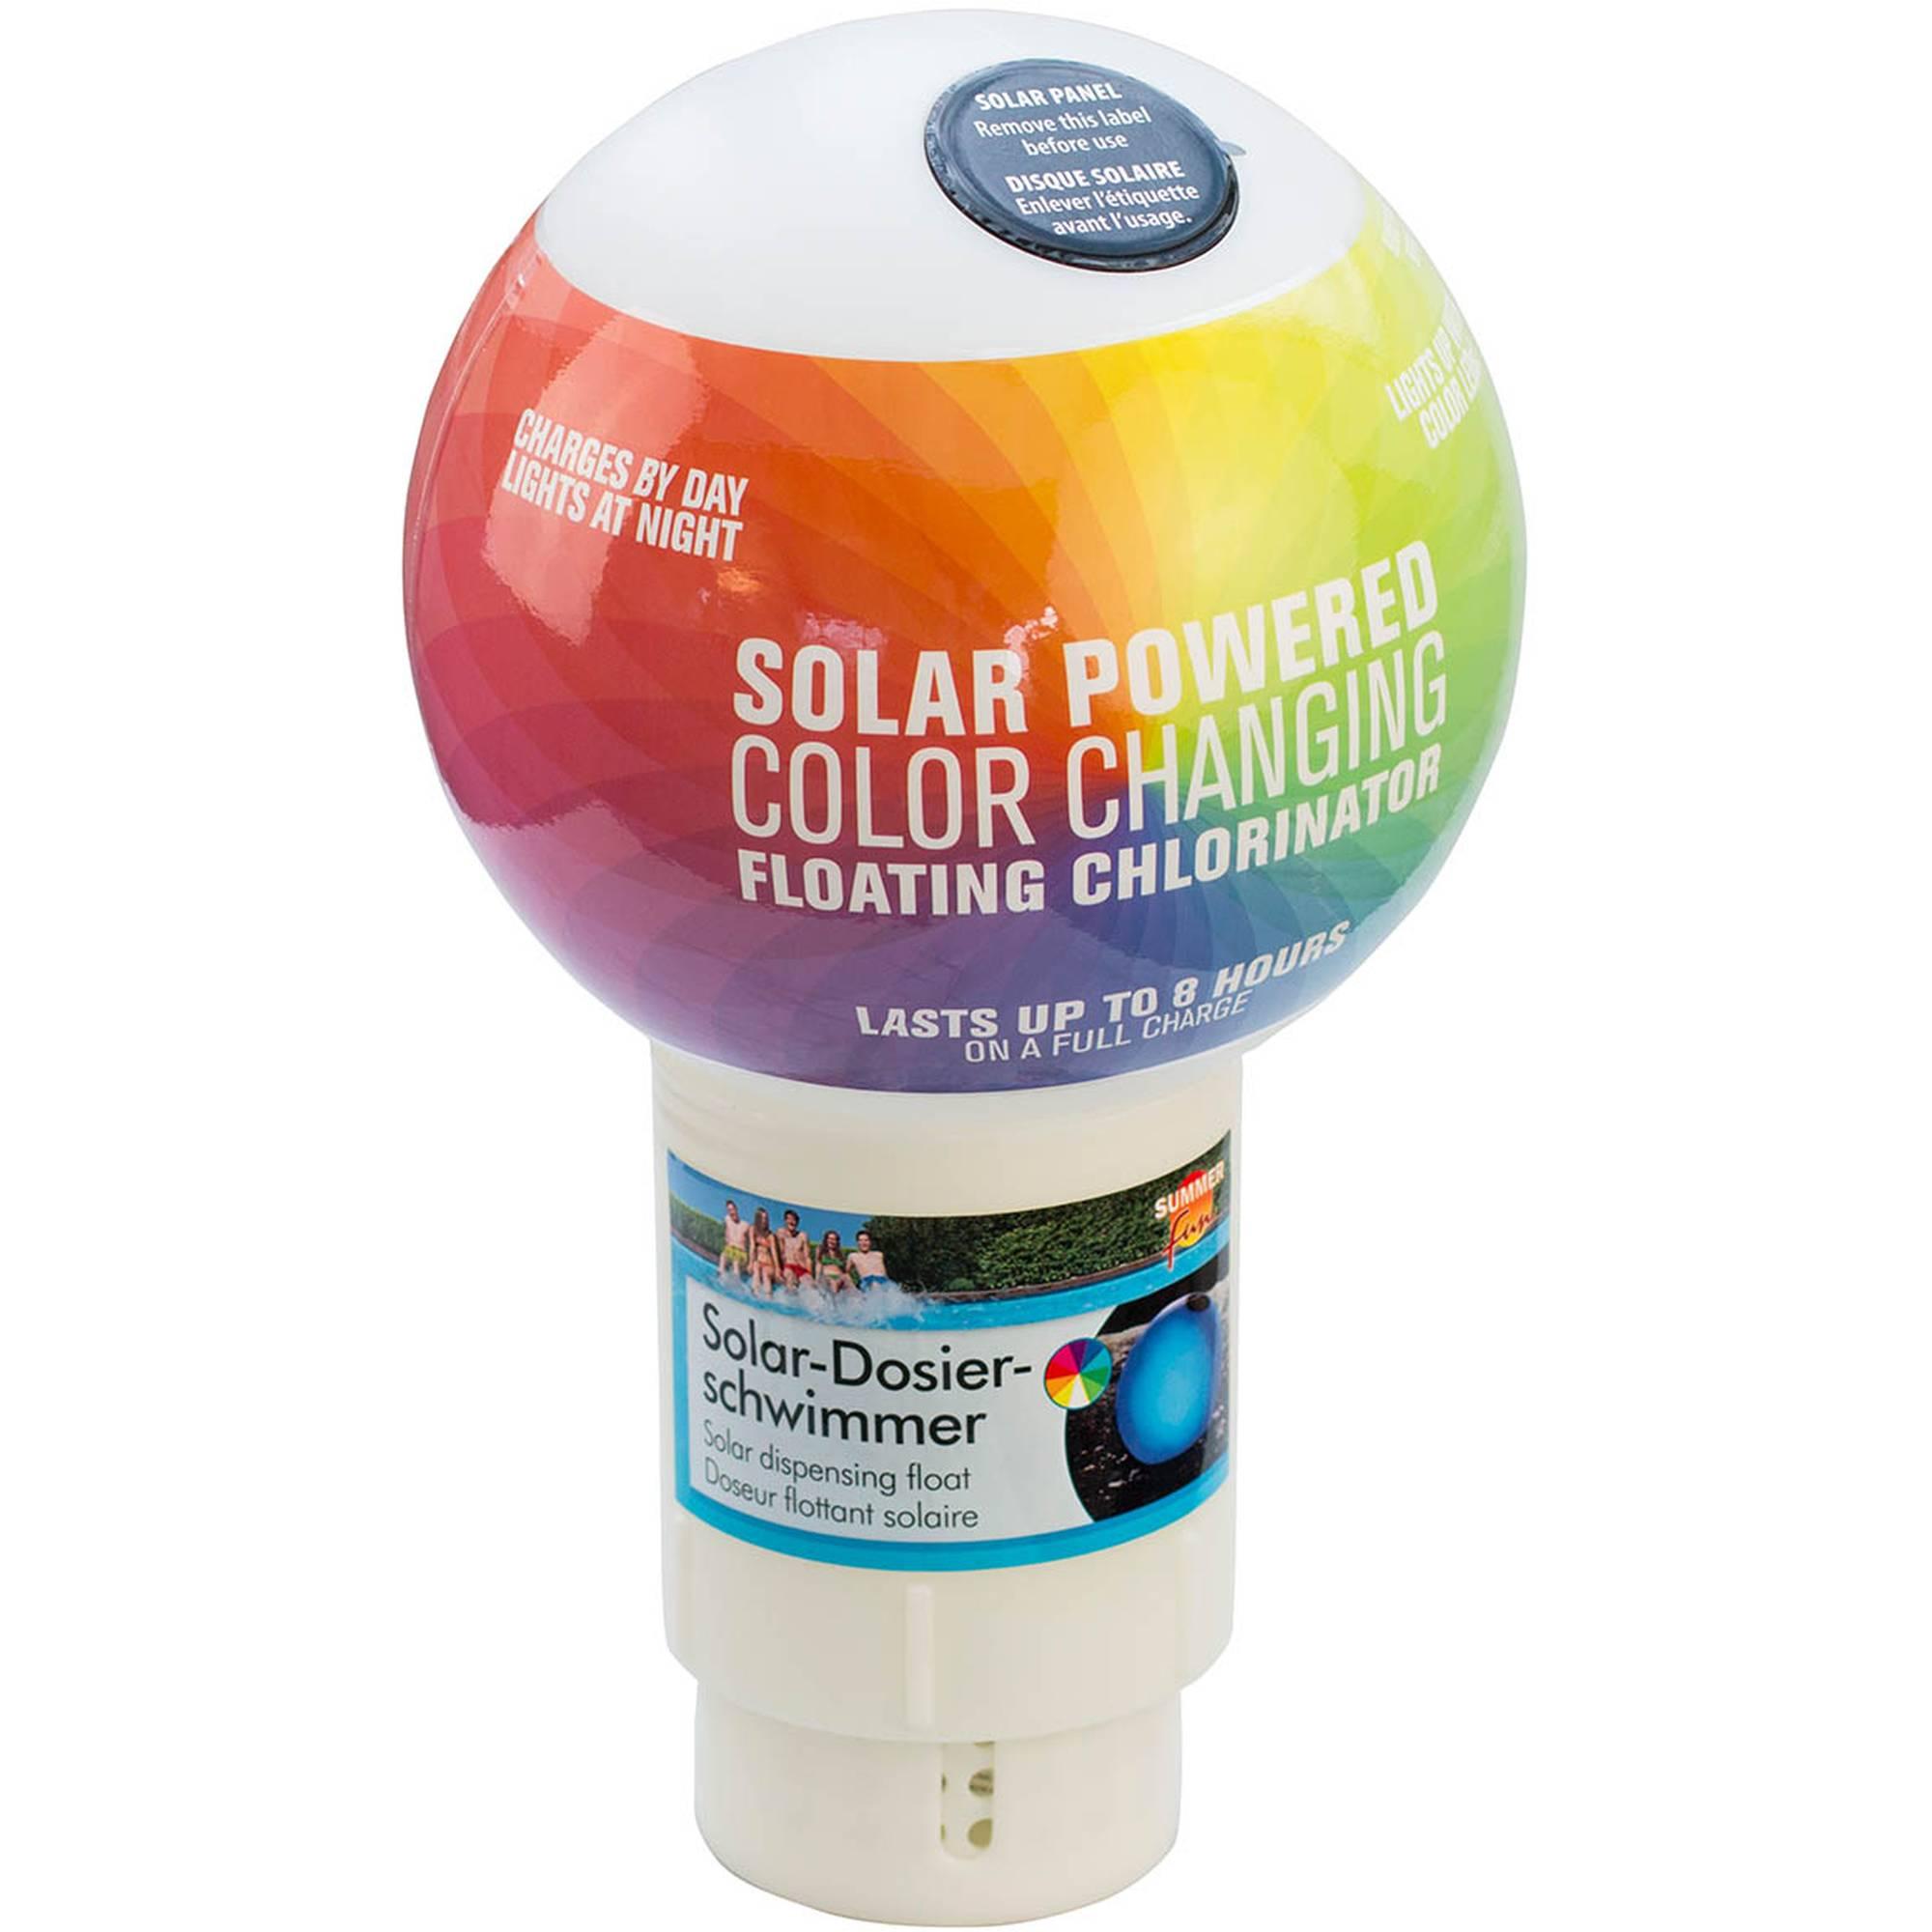 Solardosierschwimmer